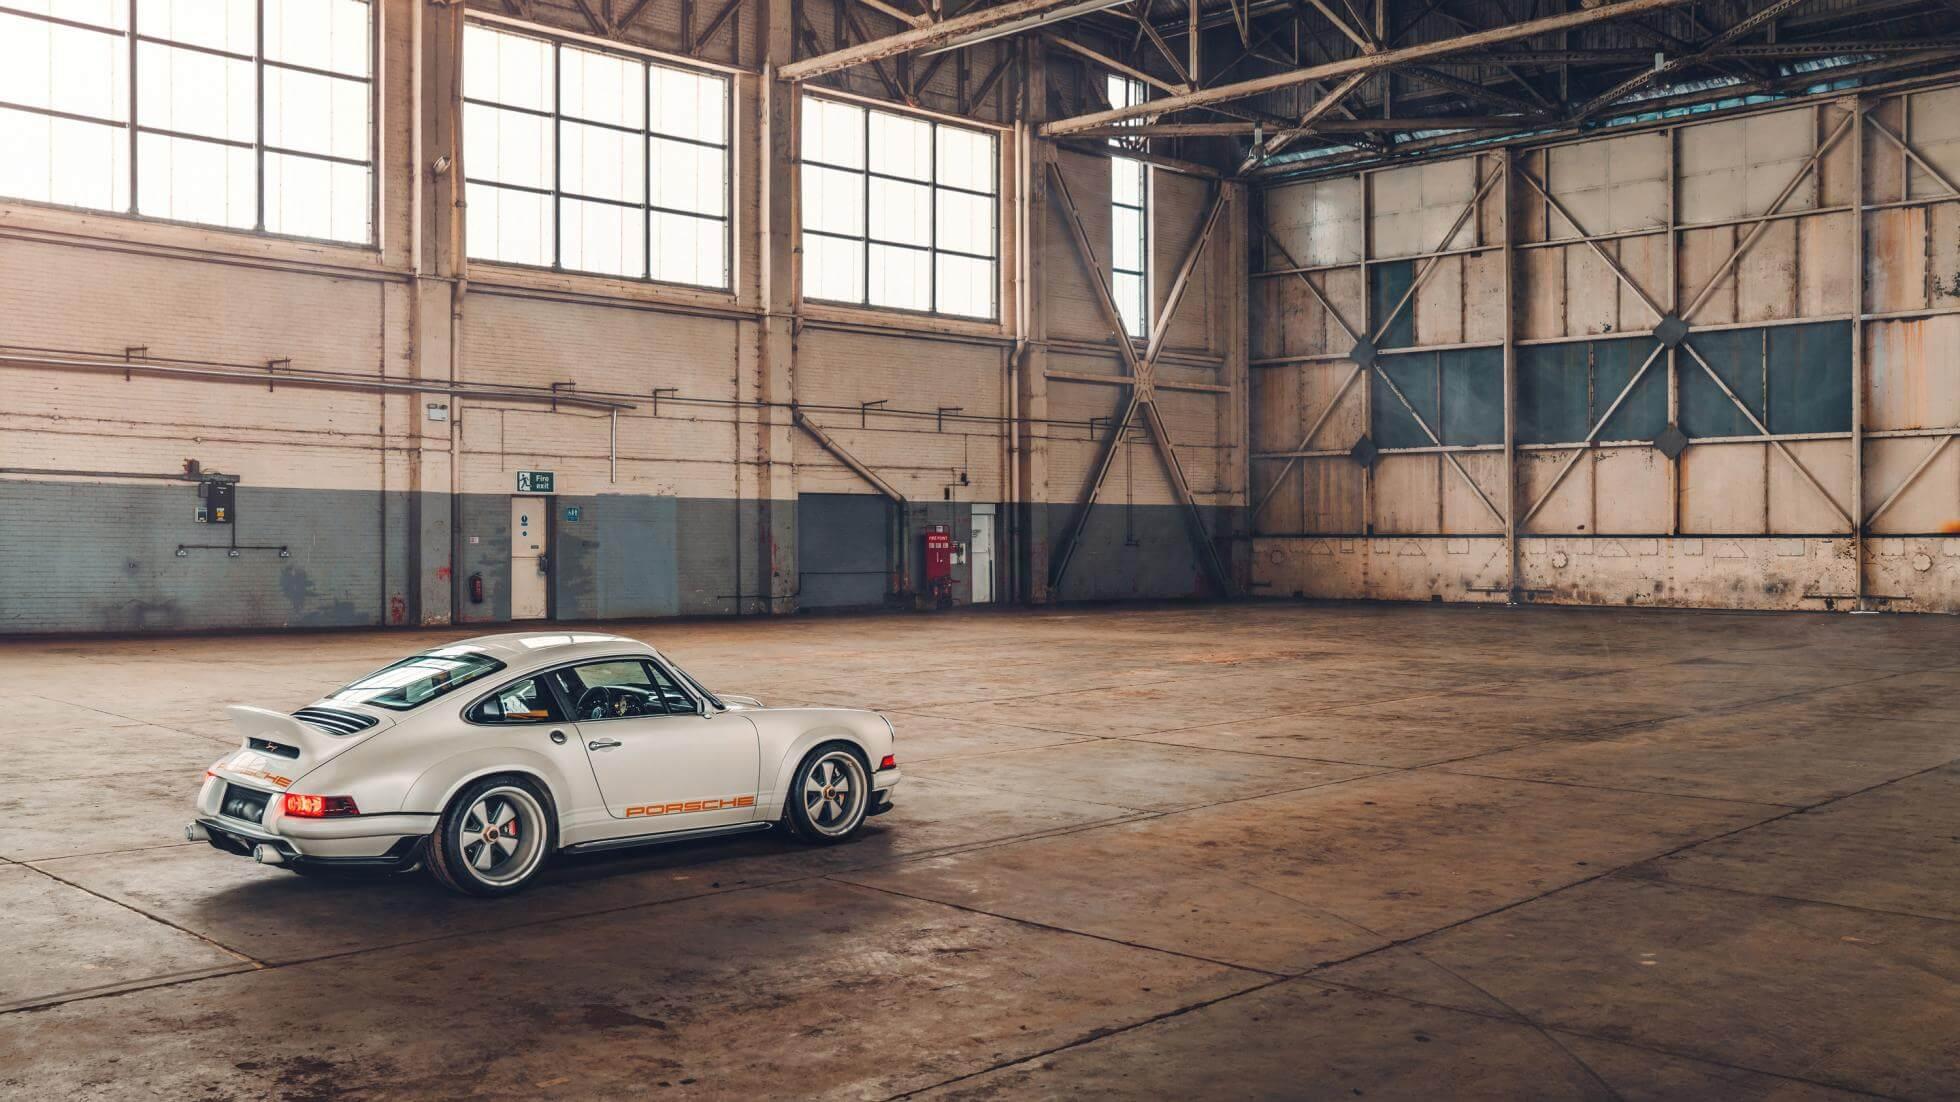 Porsche 911 - Singer Vehichle Design - Top Gear